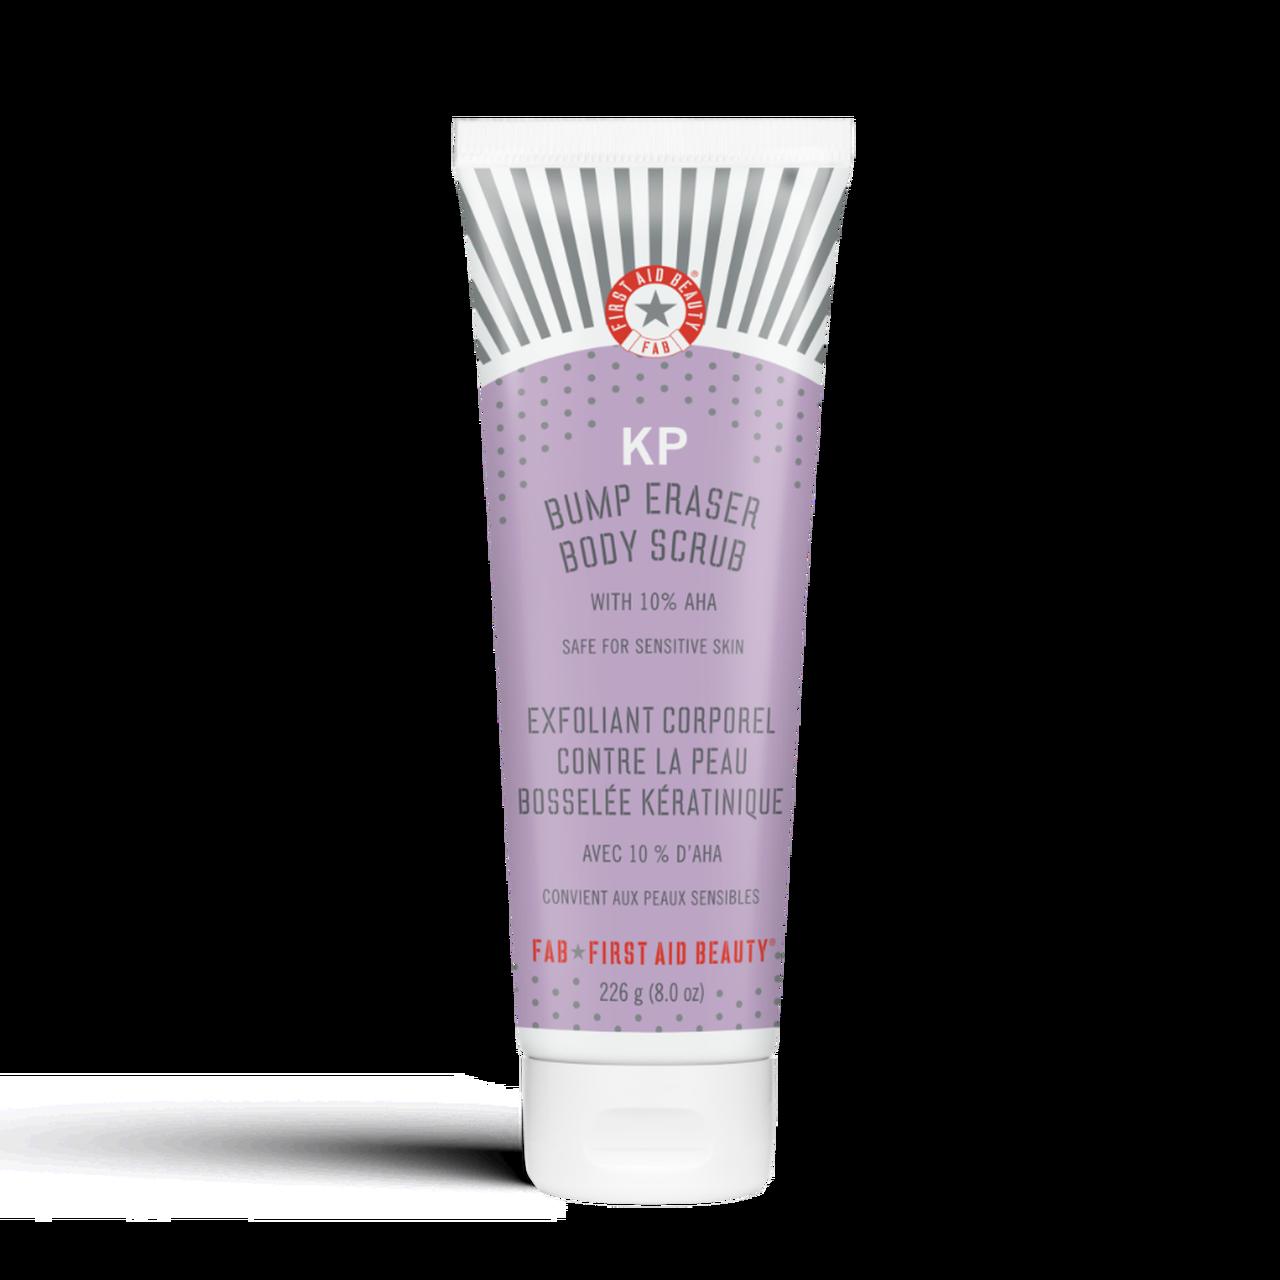 Kp Bump Eraser Body Scrub 10 Aha In 2021 First Aid Beauty Body Scrub Best Body Scrub